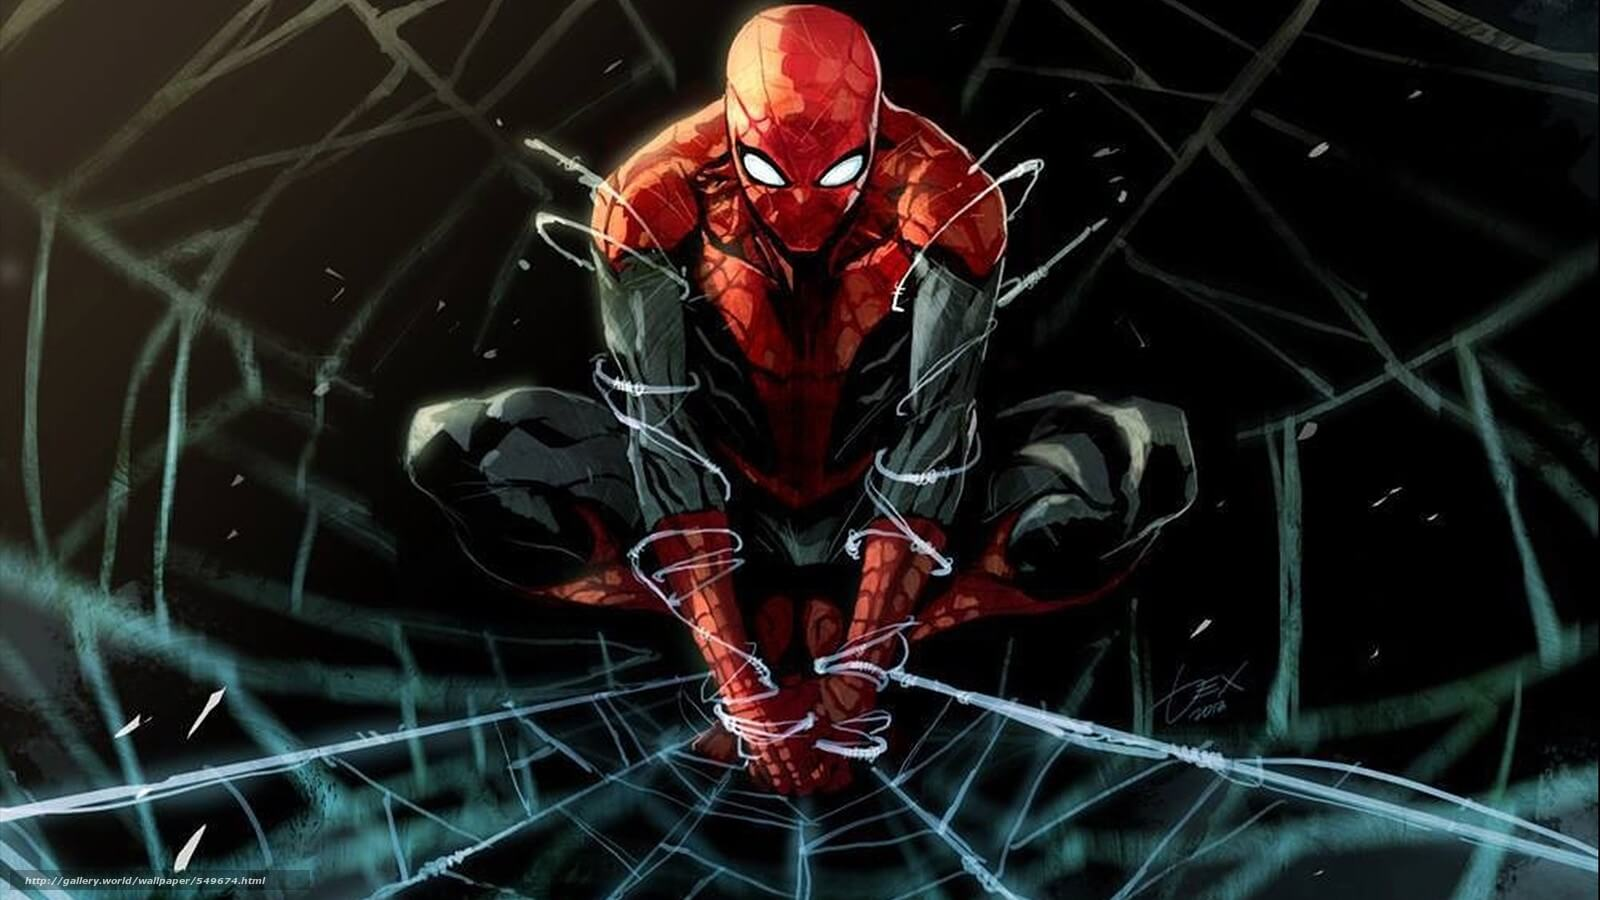 Spider-Man, Человек-паук - самые популярные и красивые арт картинки 6